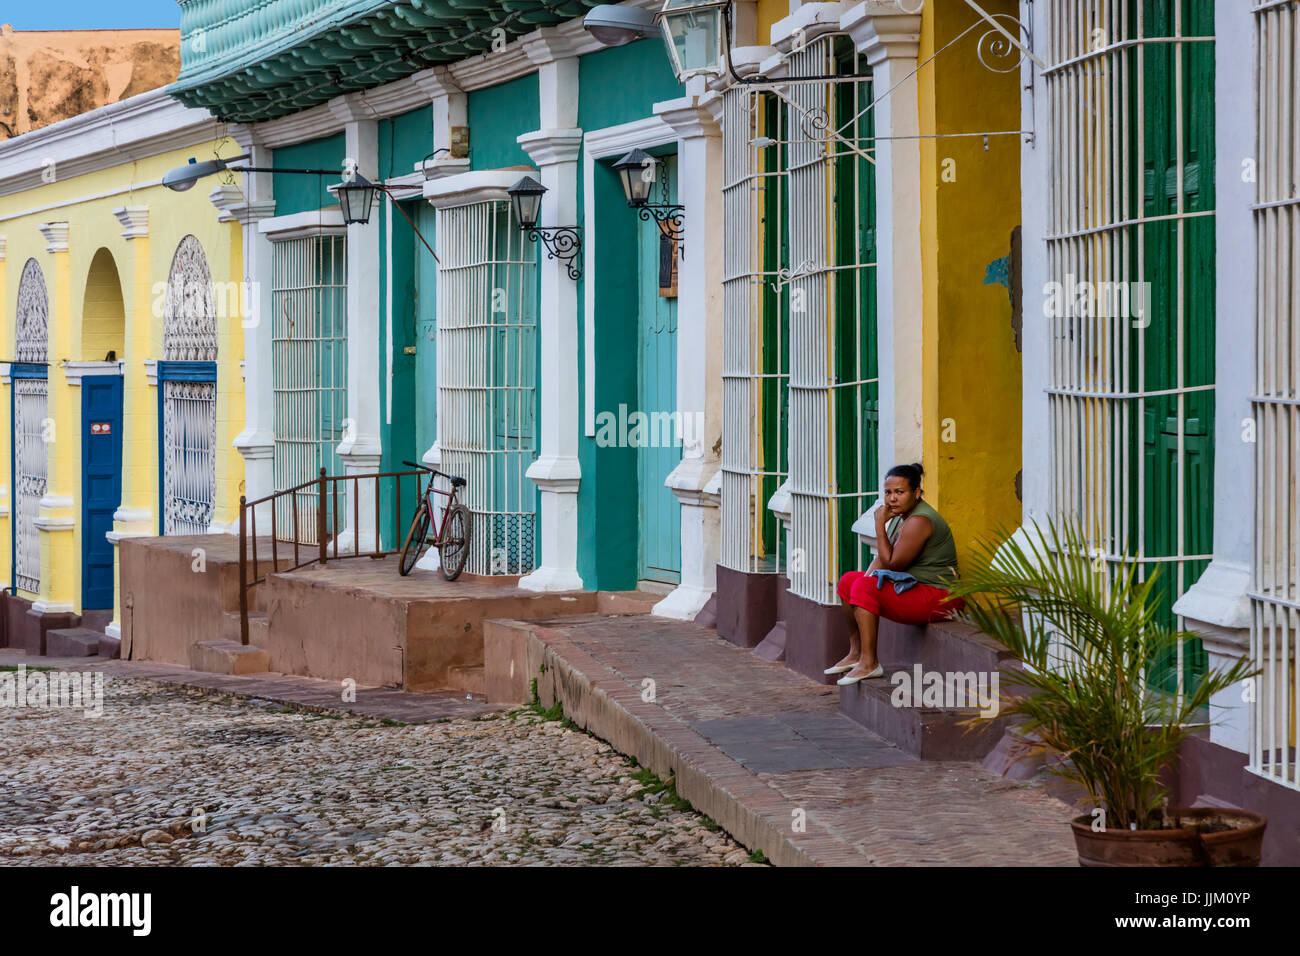 Le strade di ciottoli, lavorazione del ferro battuto e case colorate di Trinidad, Cuba Immagini Stock